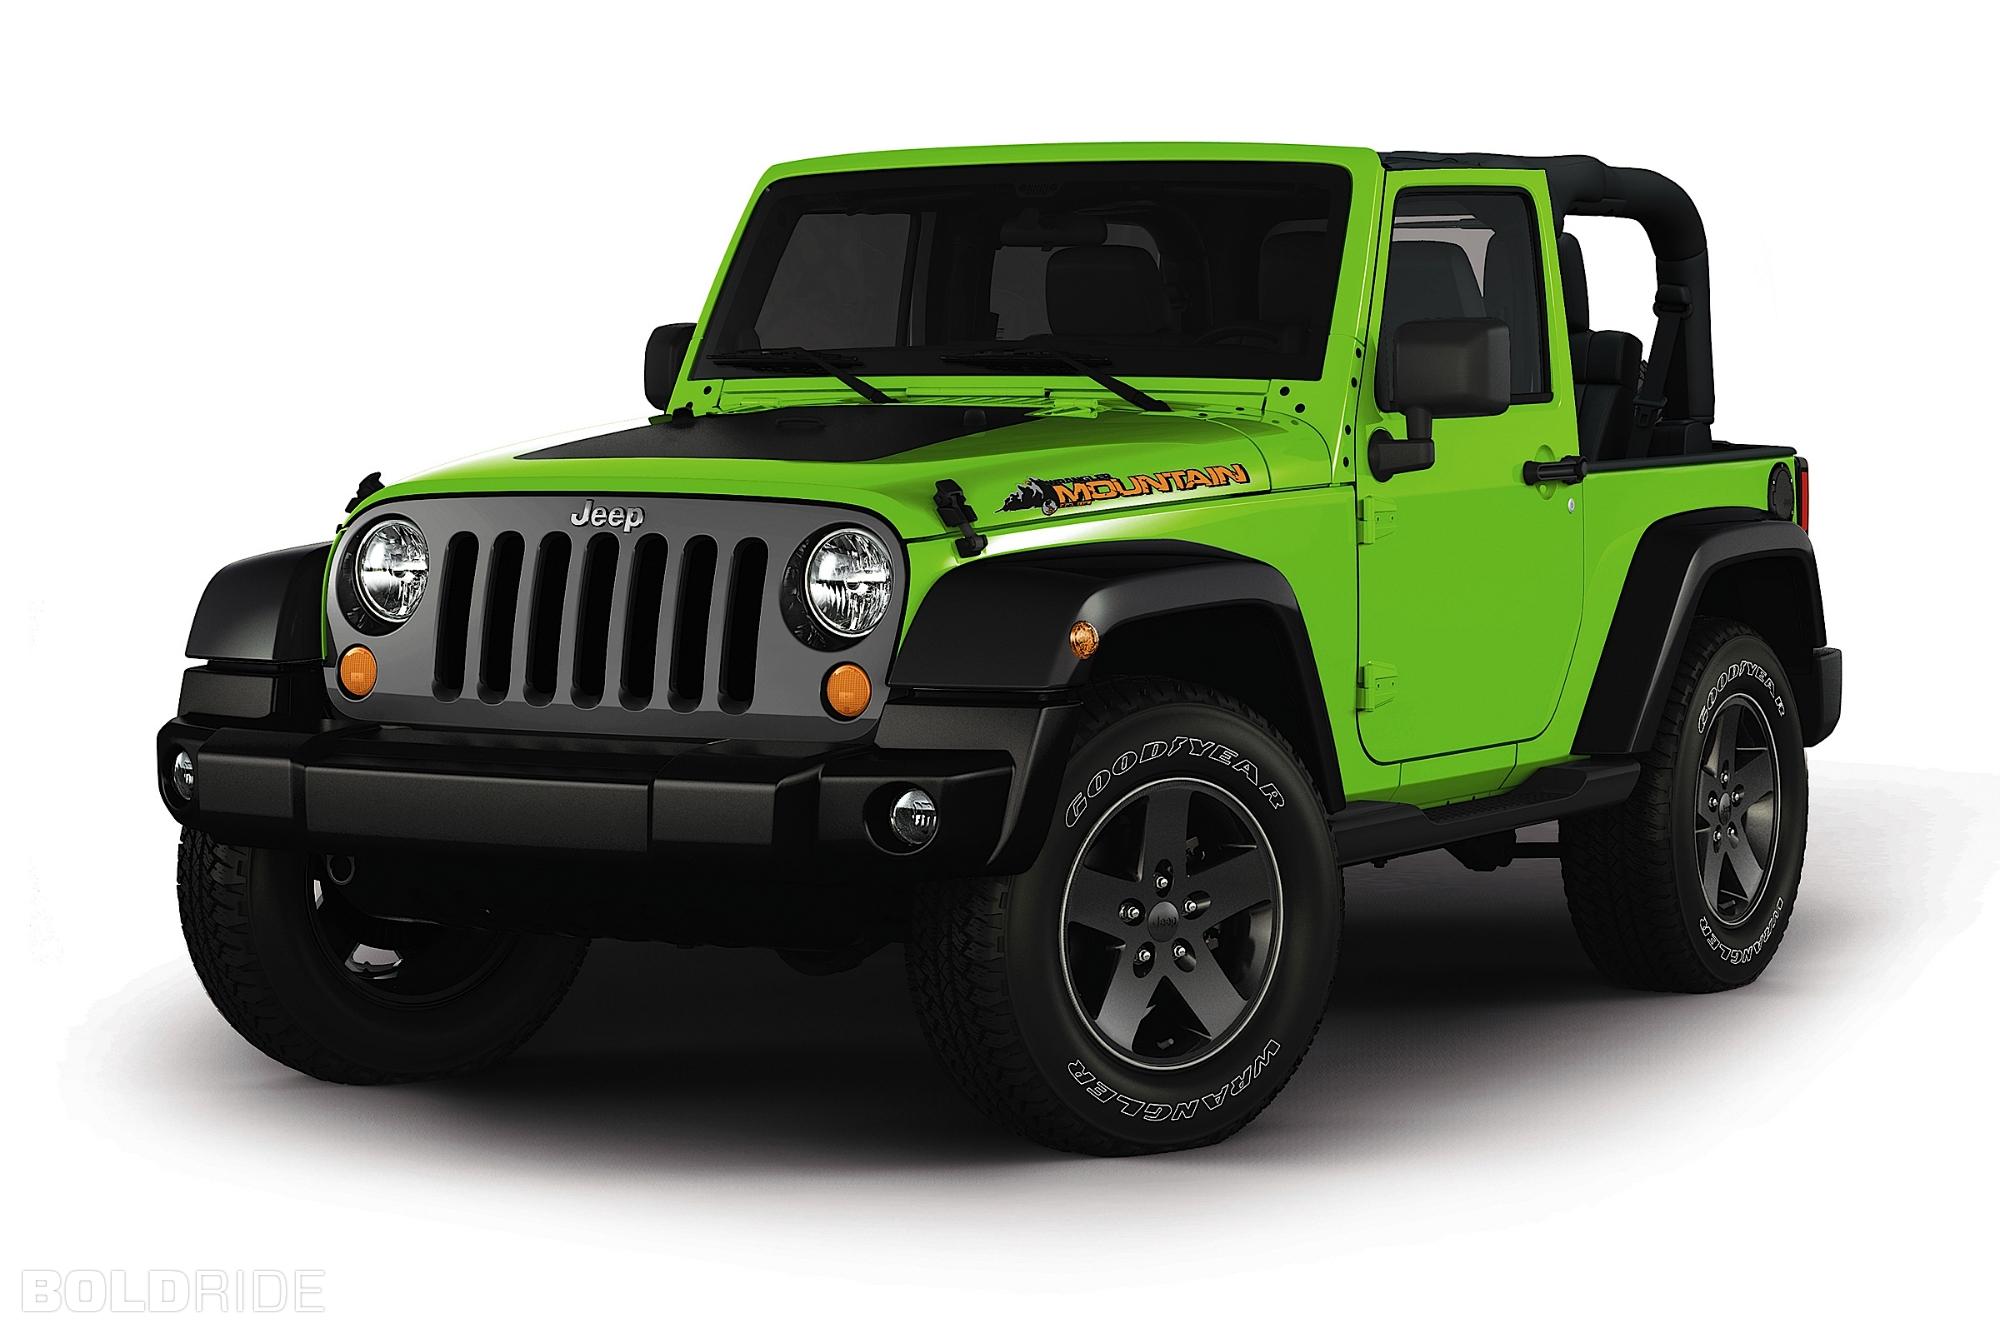 Jeep Wrangler Mountain Para Quot Echarse Quot Al Monte